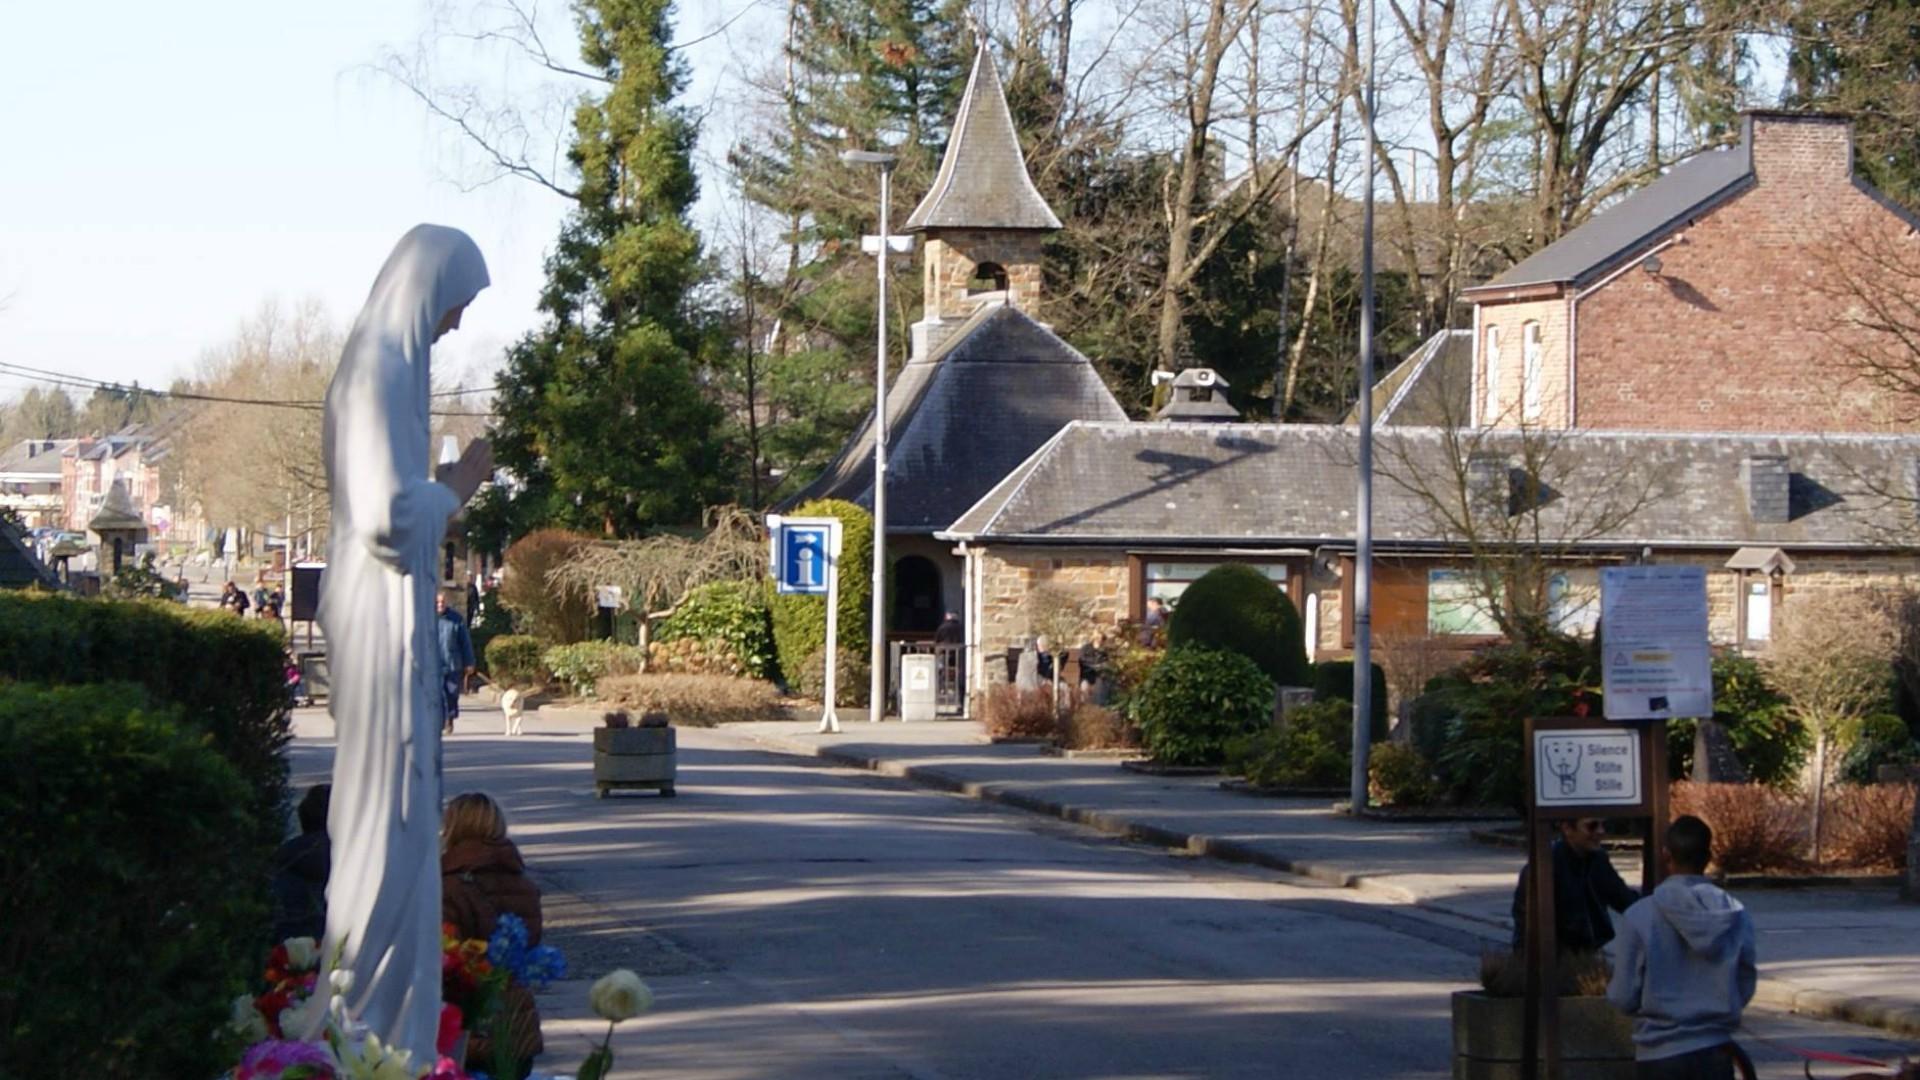 Belgique: une première, le sanctuaire de Banneux fermé le 15 août. Covid-19 oblige. Sanctuaire-de-Banneux-dans-la-province-de-Liege-FB